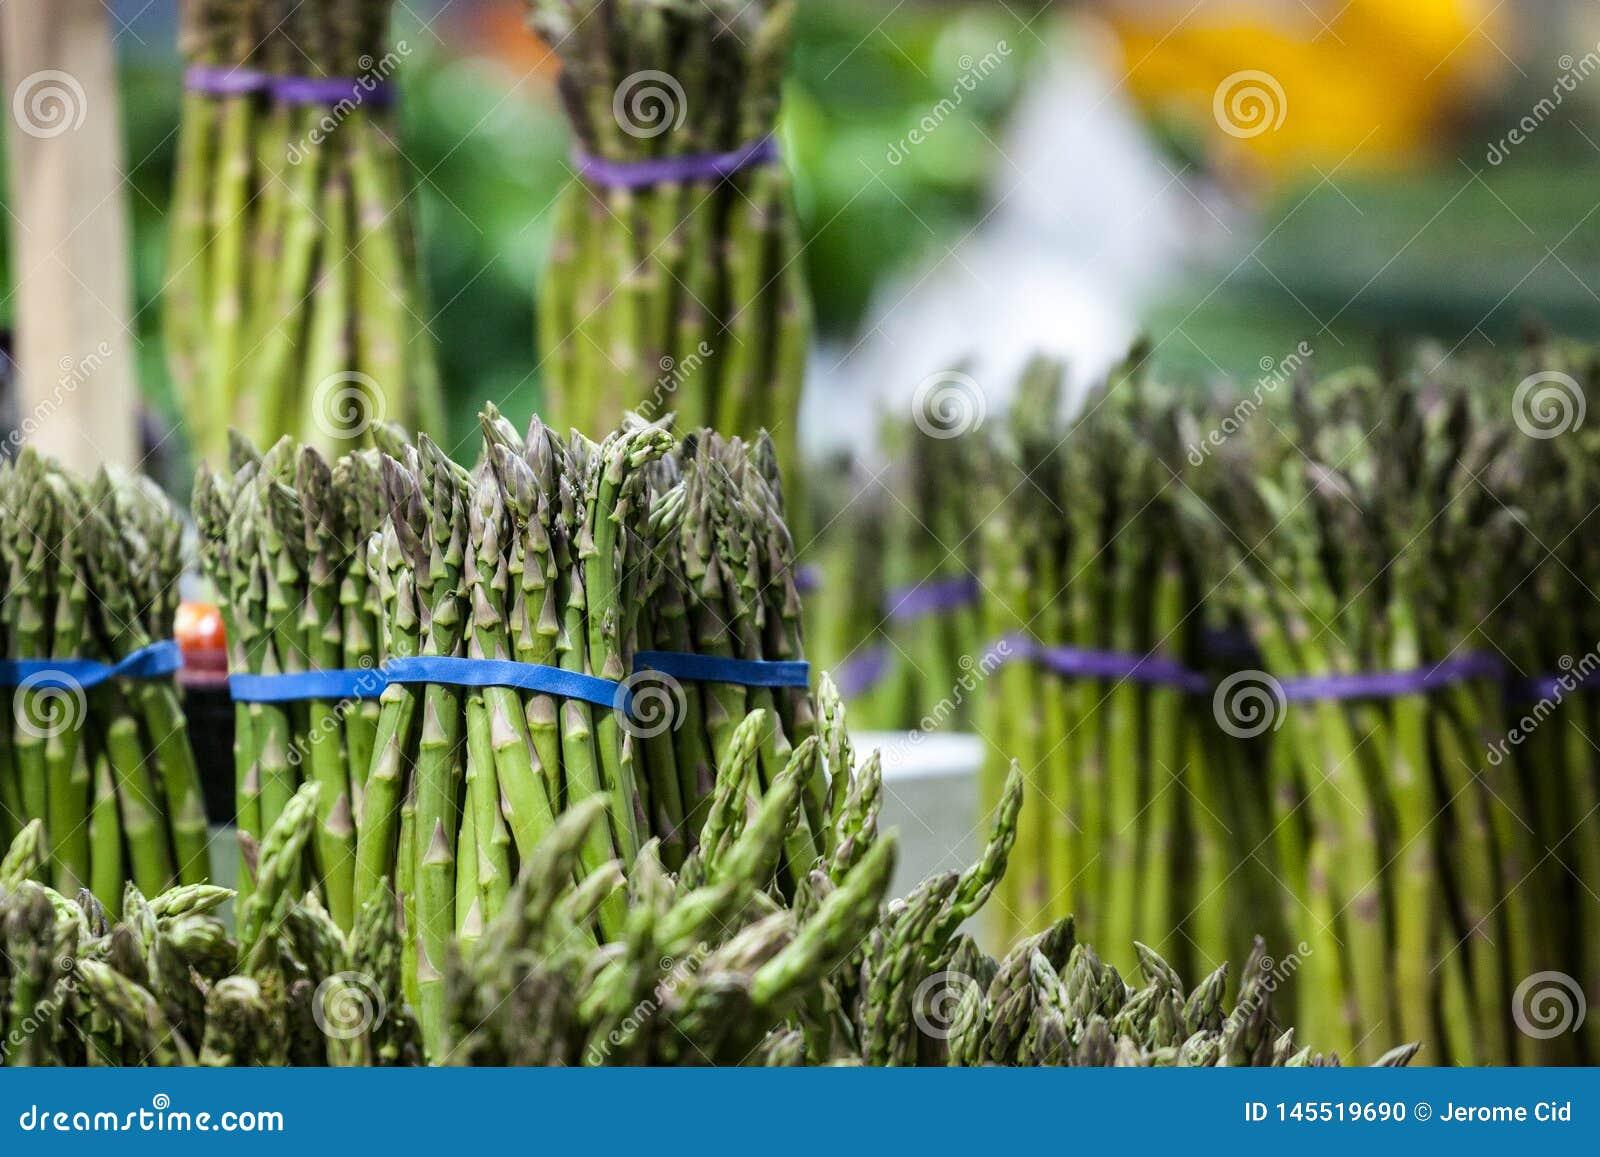 Paquets d asperge verte, cultiv?s, en vente sur un march? canadien ? Montr?al